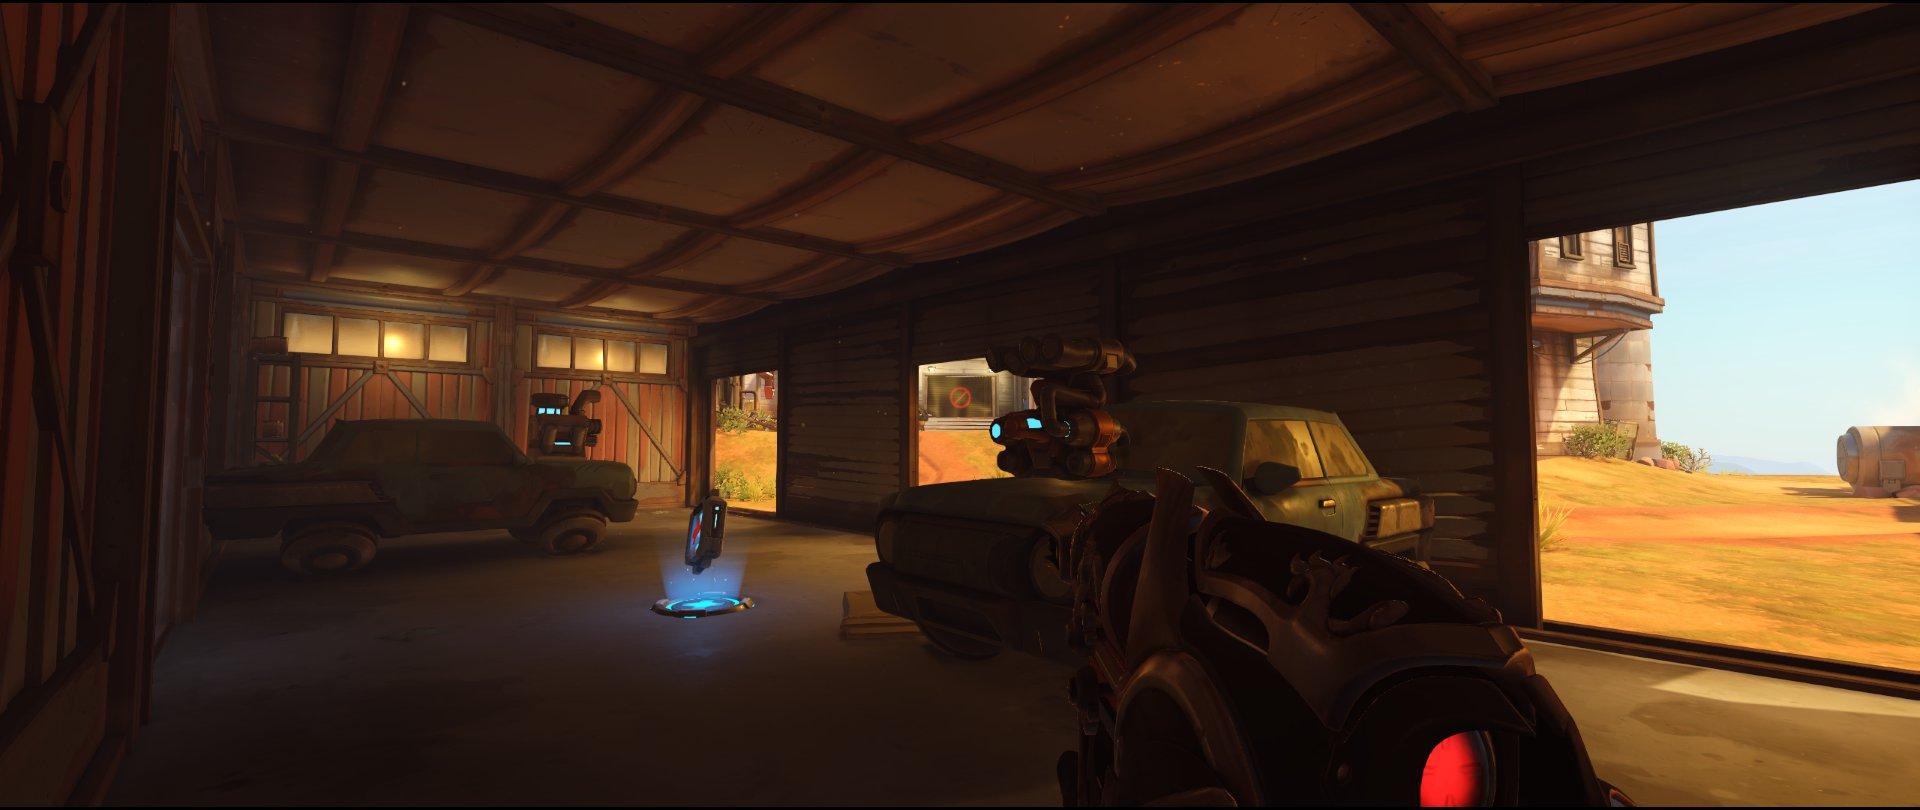 Garage defense Widowmaker sniping spot Junkertown.jpg